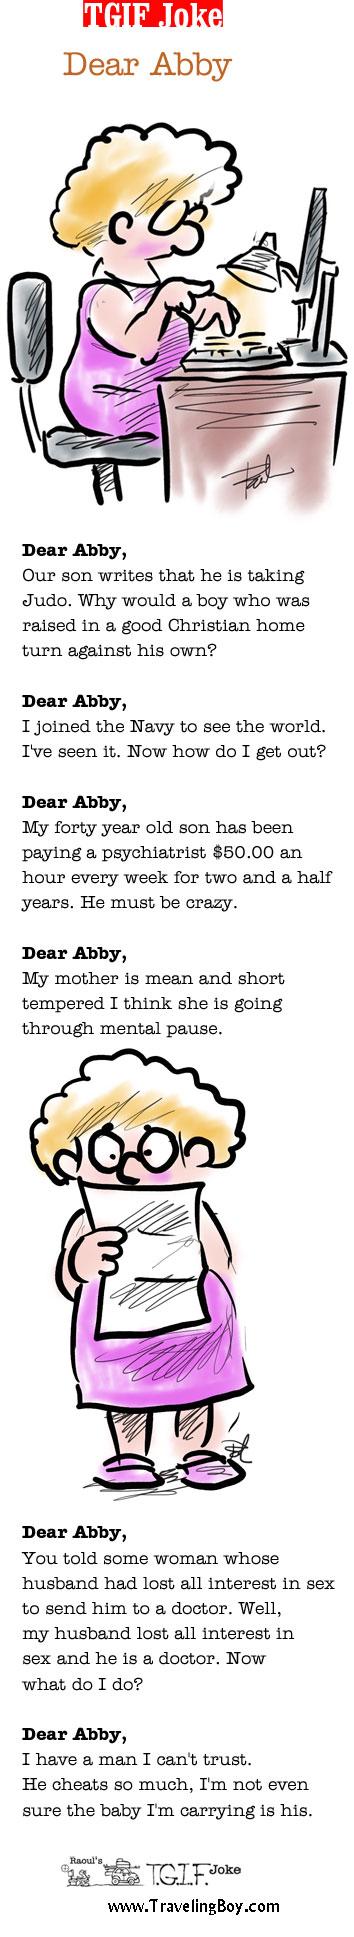 TGIF Joke of the Week: Dear Abby